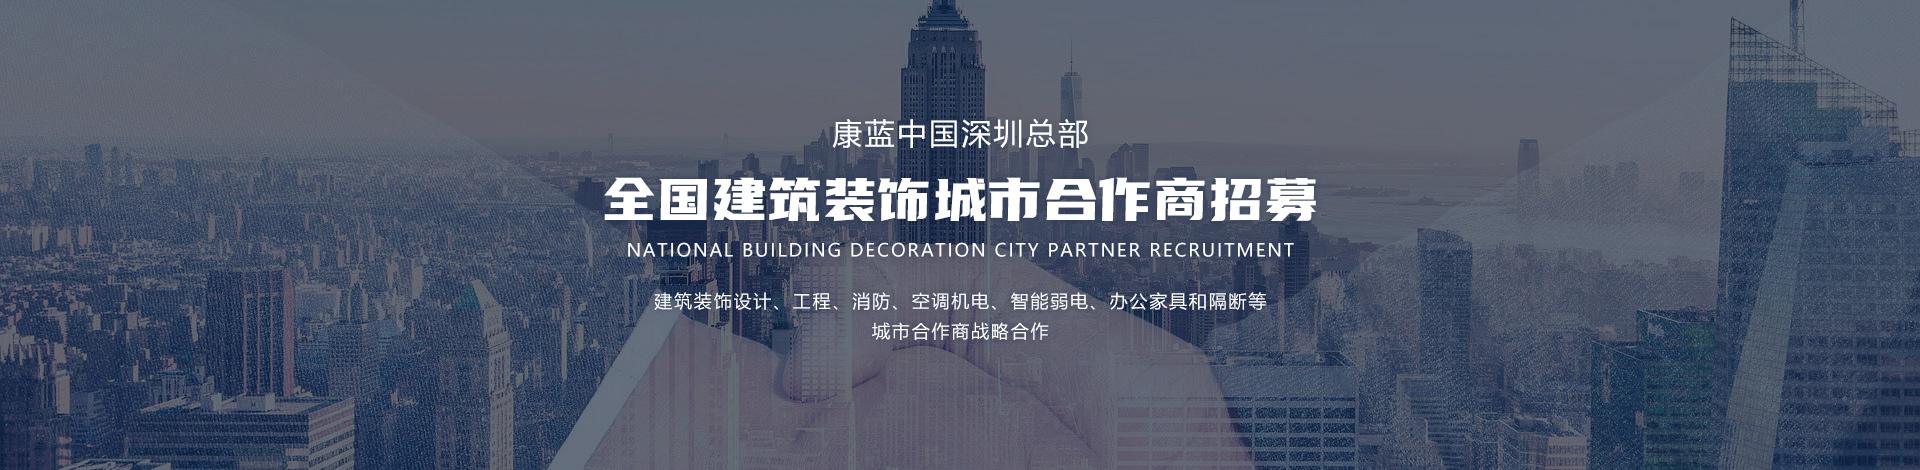 全国建筑装饰城市合作商招募